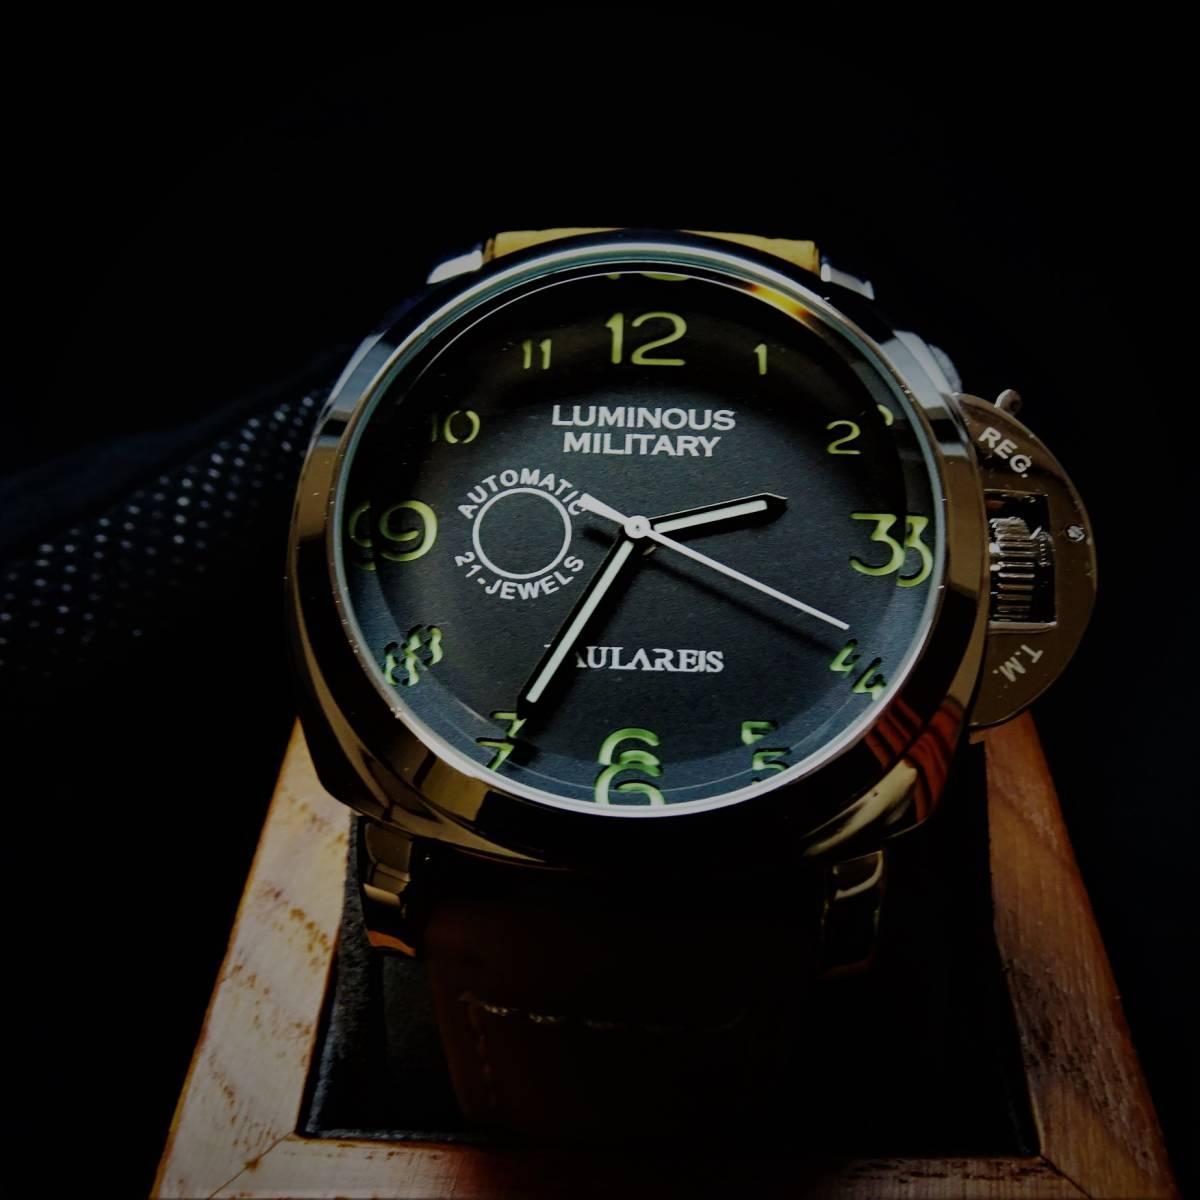 1円スタート〓新品自動巻機械式 メンズ 腕時計本革ブラウンベルトPAULAREIS ★LUMINOUS MILITARYミリタリーモデル★Sケース